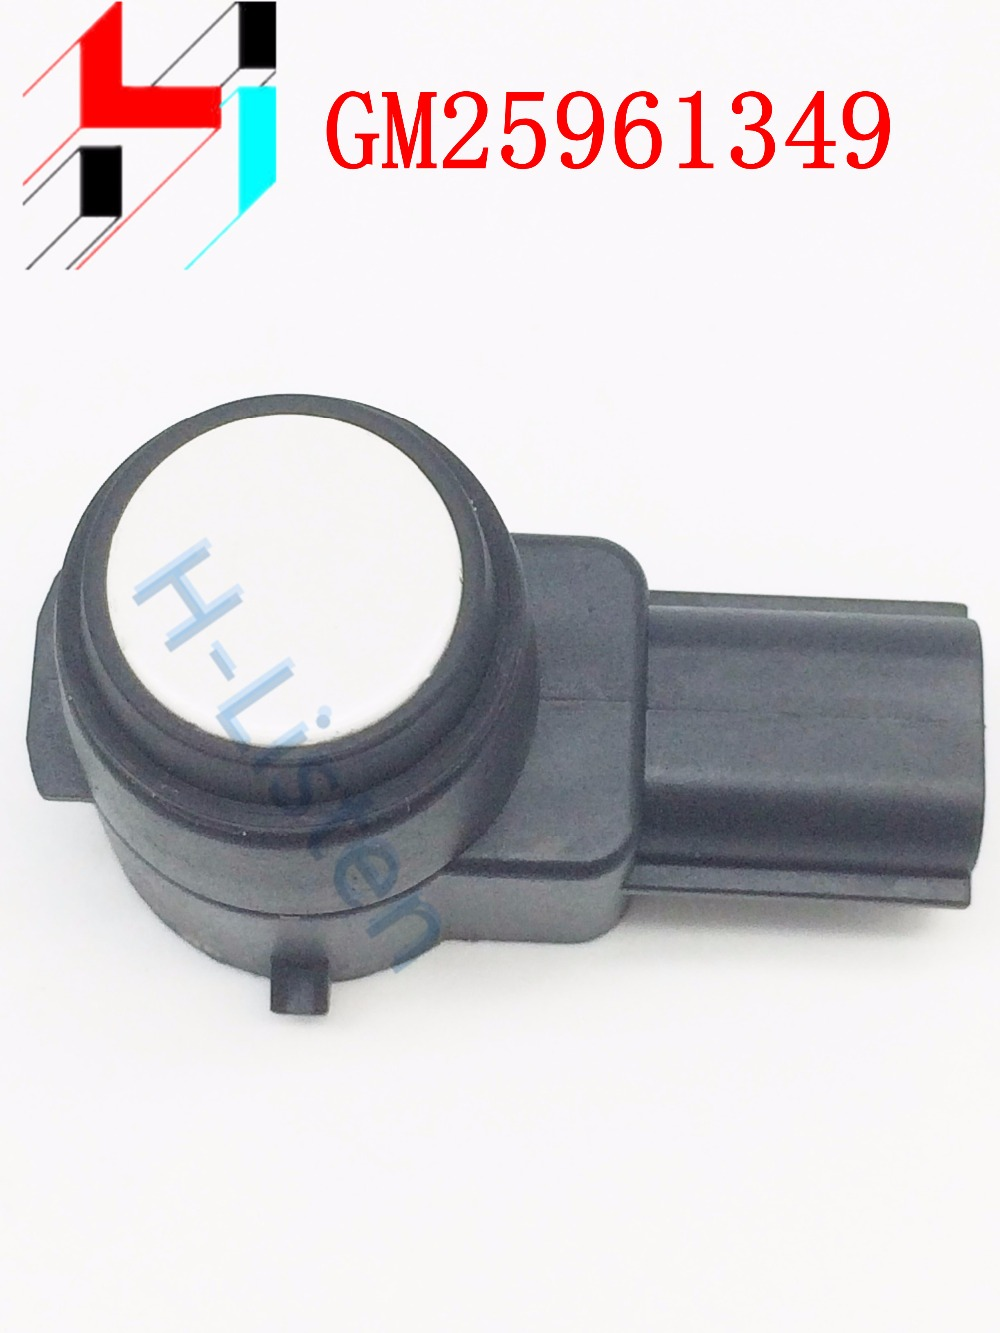 (4 шт.) 25961349 оригинальный Парктроник, ультразвуковой датчик, обратная помощь для G M Cruze Opel Cadillac OE #0263003908